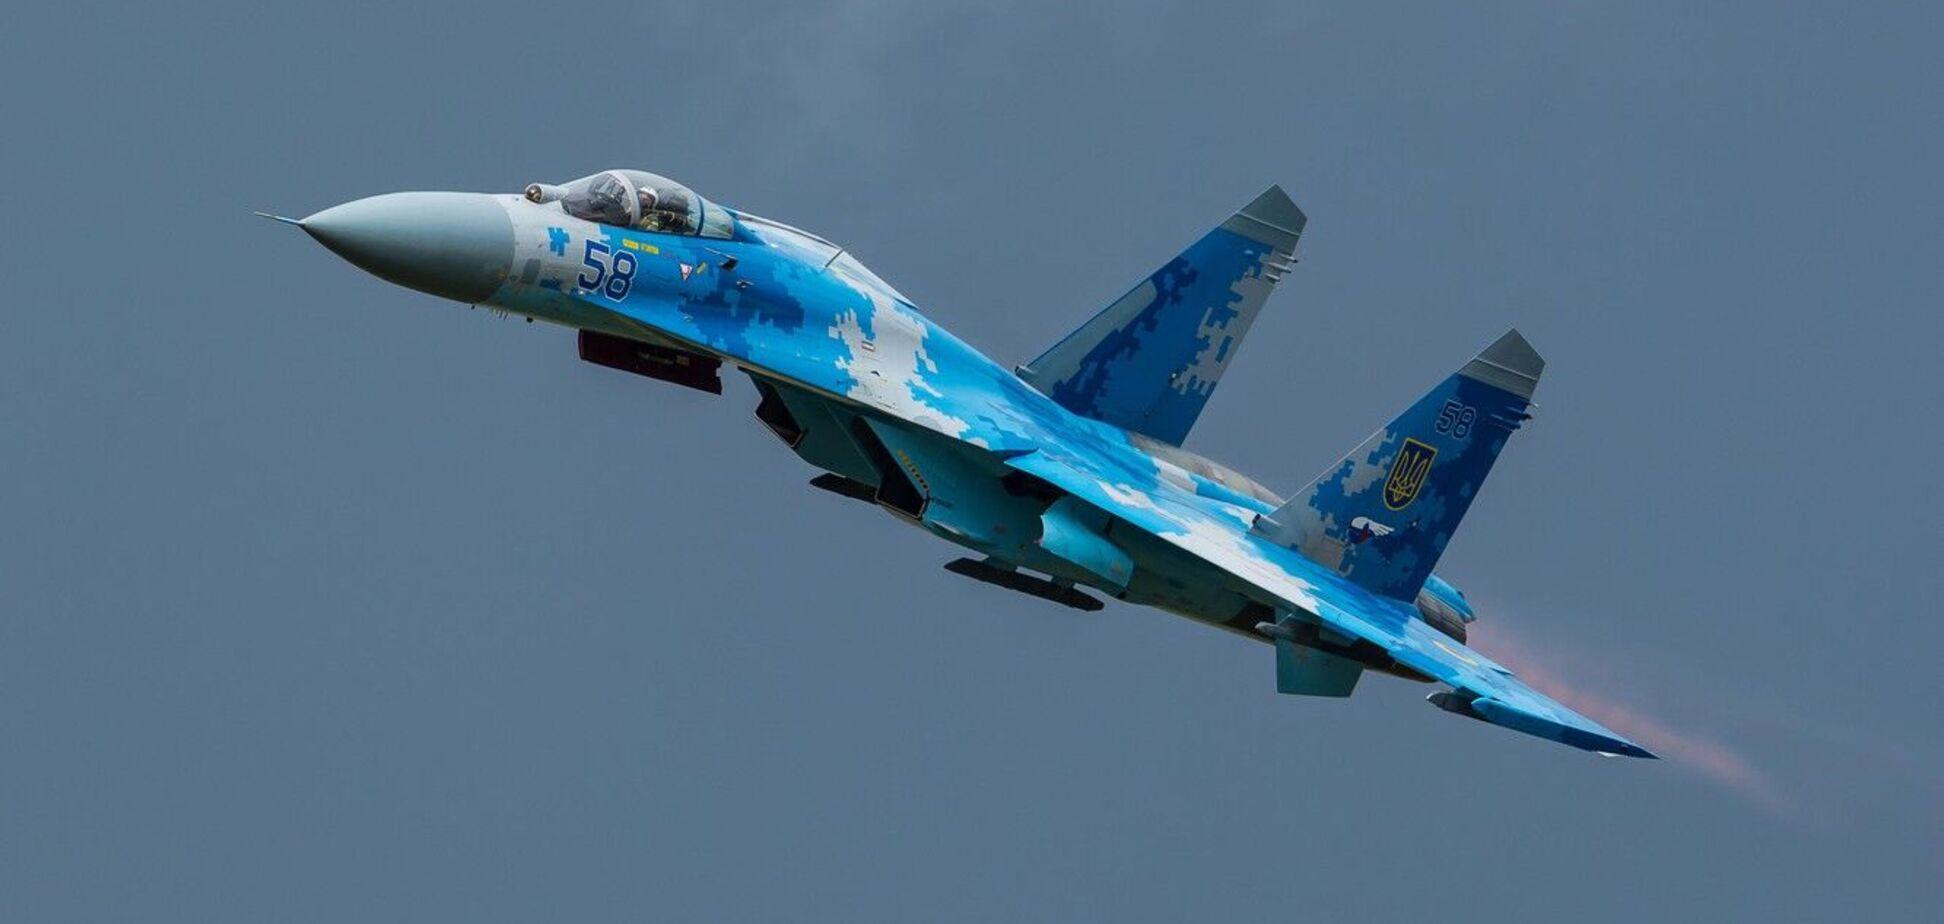 Россияне выдали фото Су-27 ВСУ за свой самолет